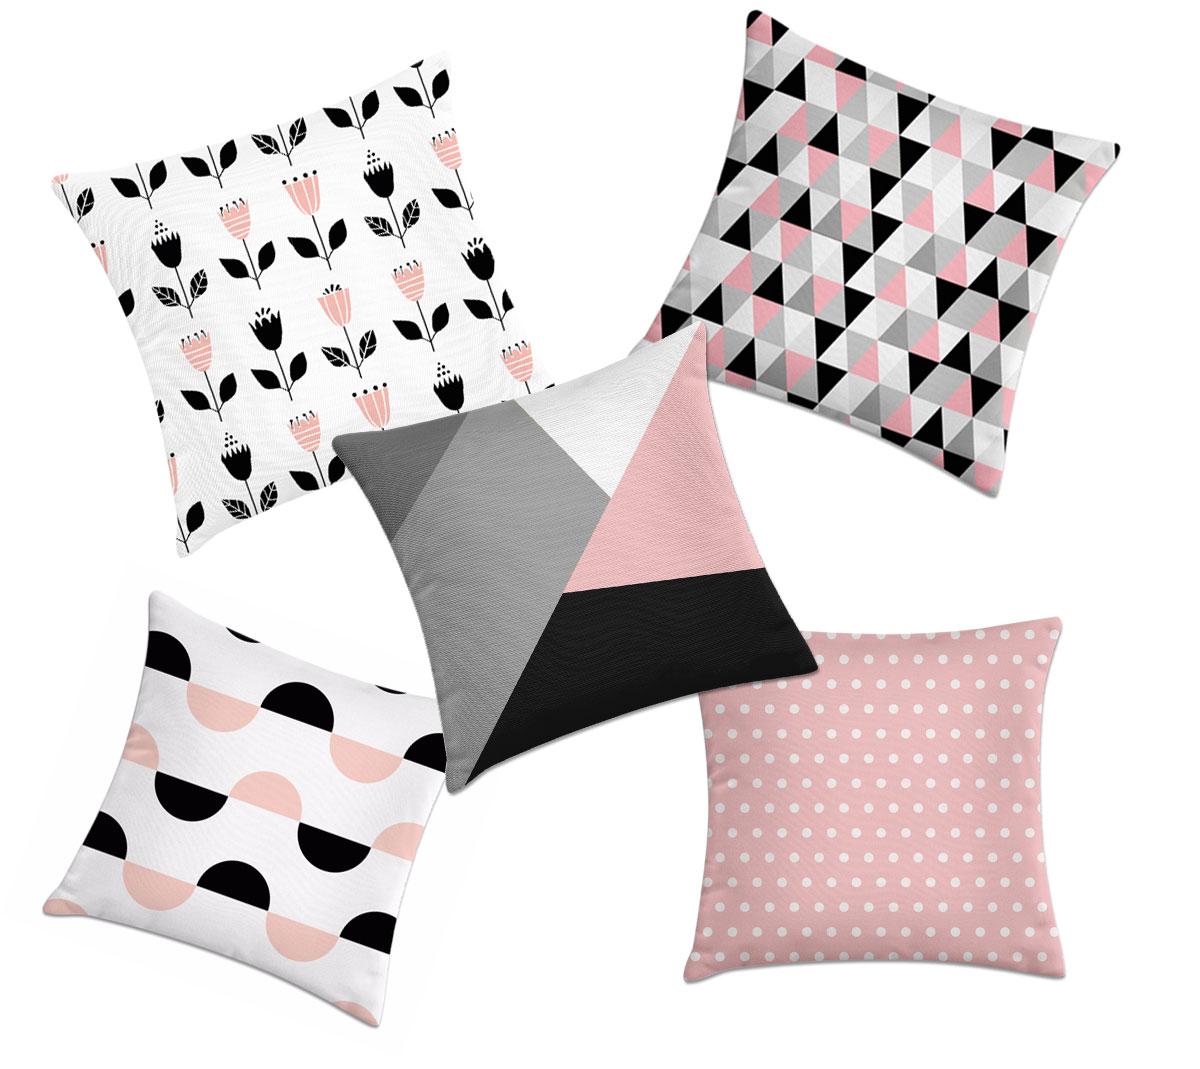 e85401422 kit 5 capas de almofadas geométricas rosa e preto – Kombigode Store